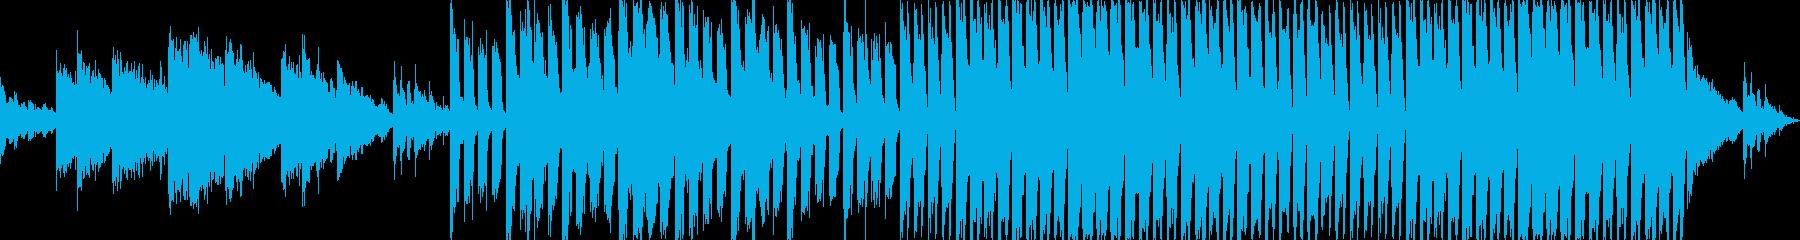 イベントや発表会などにEDMサウンドの再生済みの波形